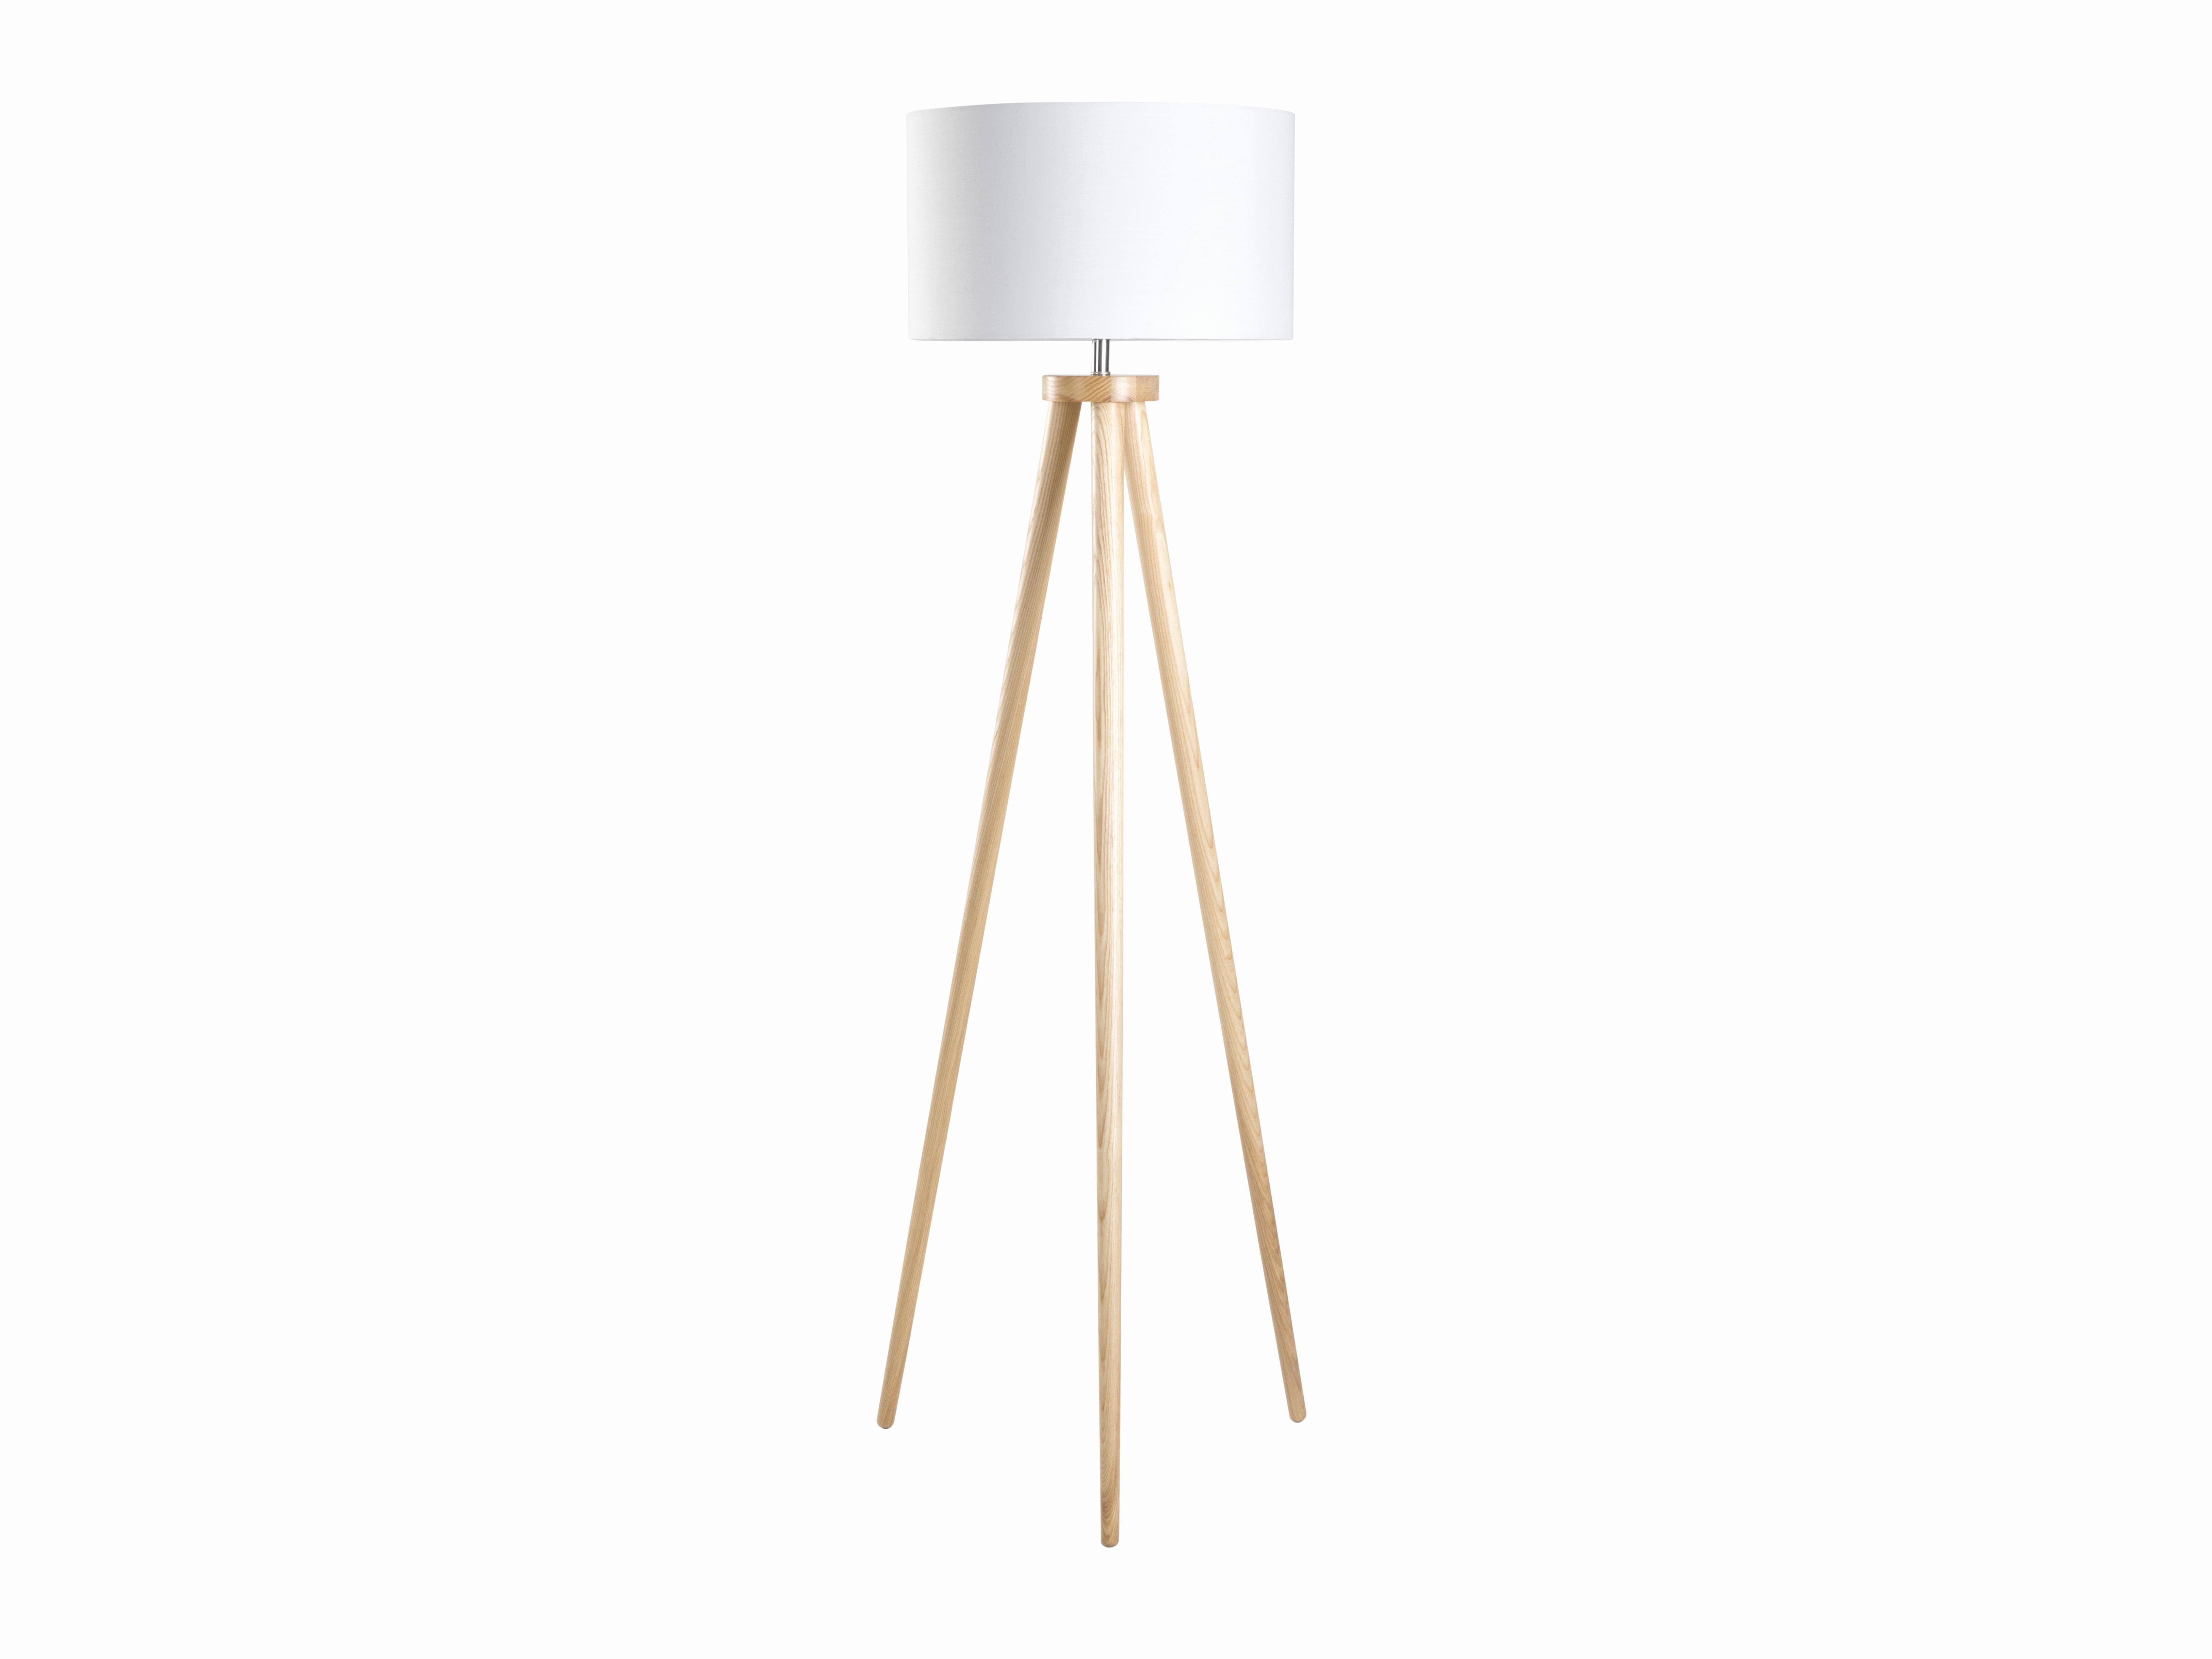 Lampe salon design conforama - Idée de luminaire et lampe maison